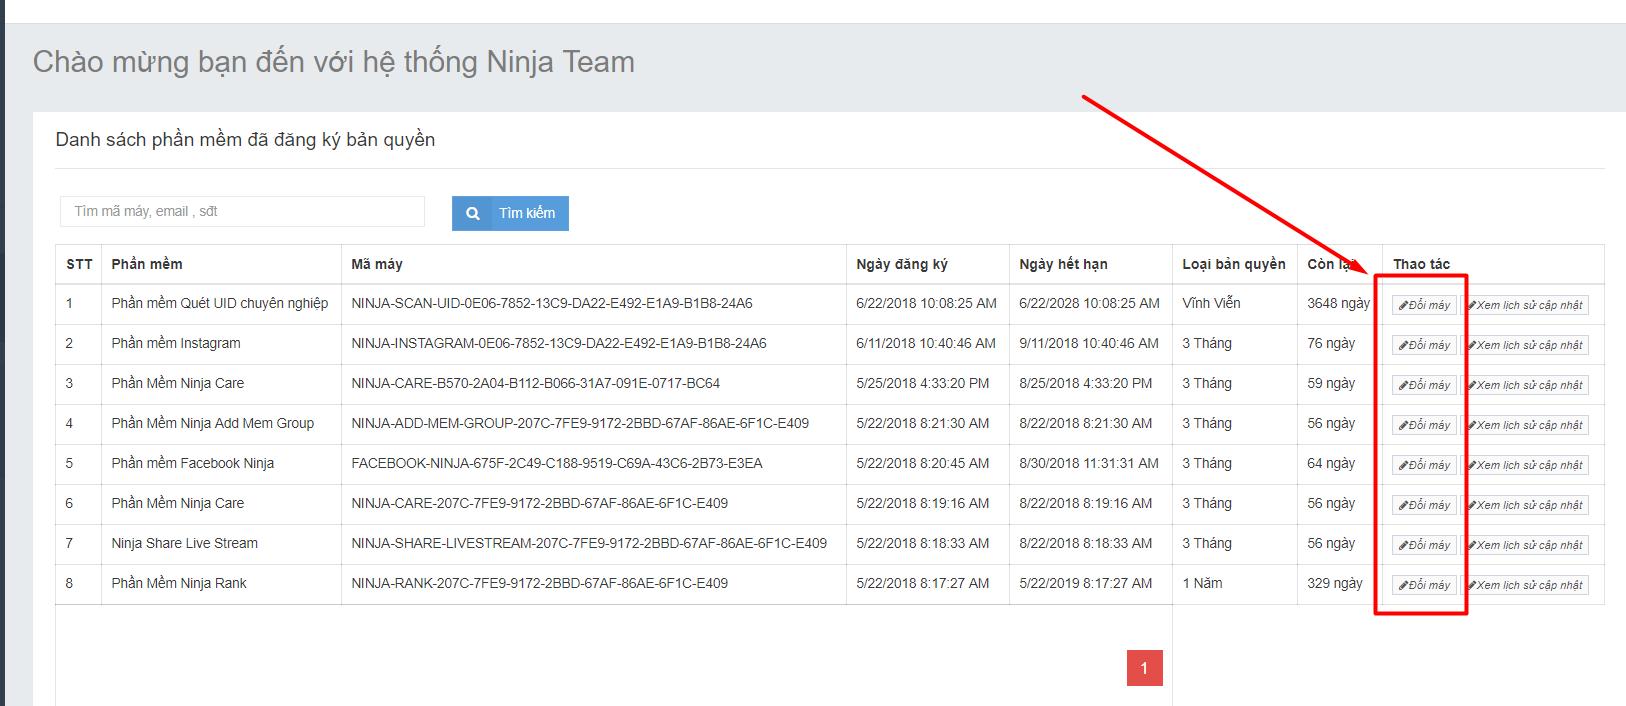 doi may Hướng dẫn đổi bản quyền, thay pass, quên pass tài khoản Phần mềm Ninja